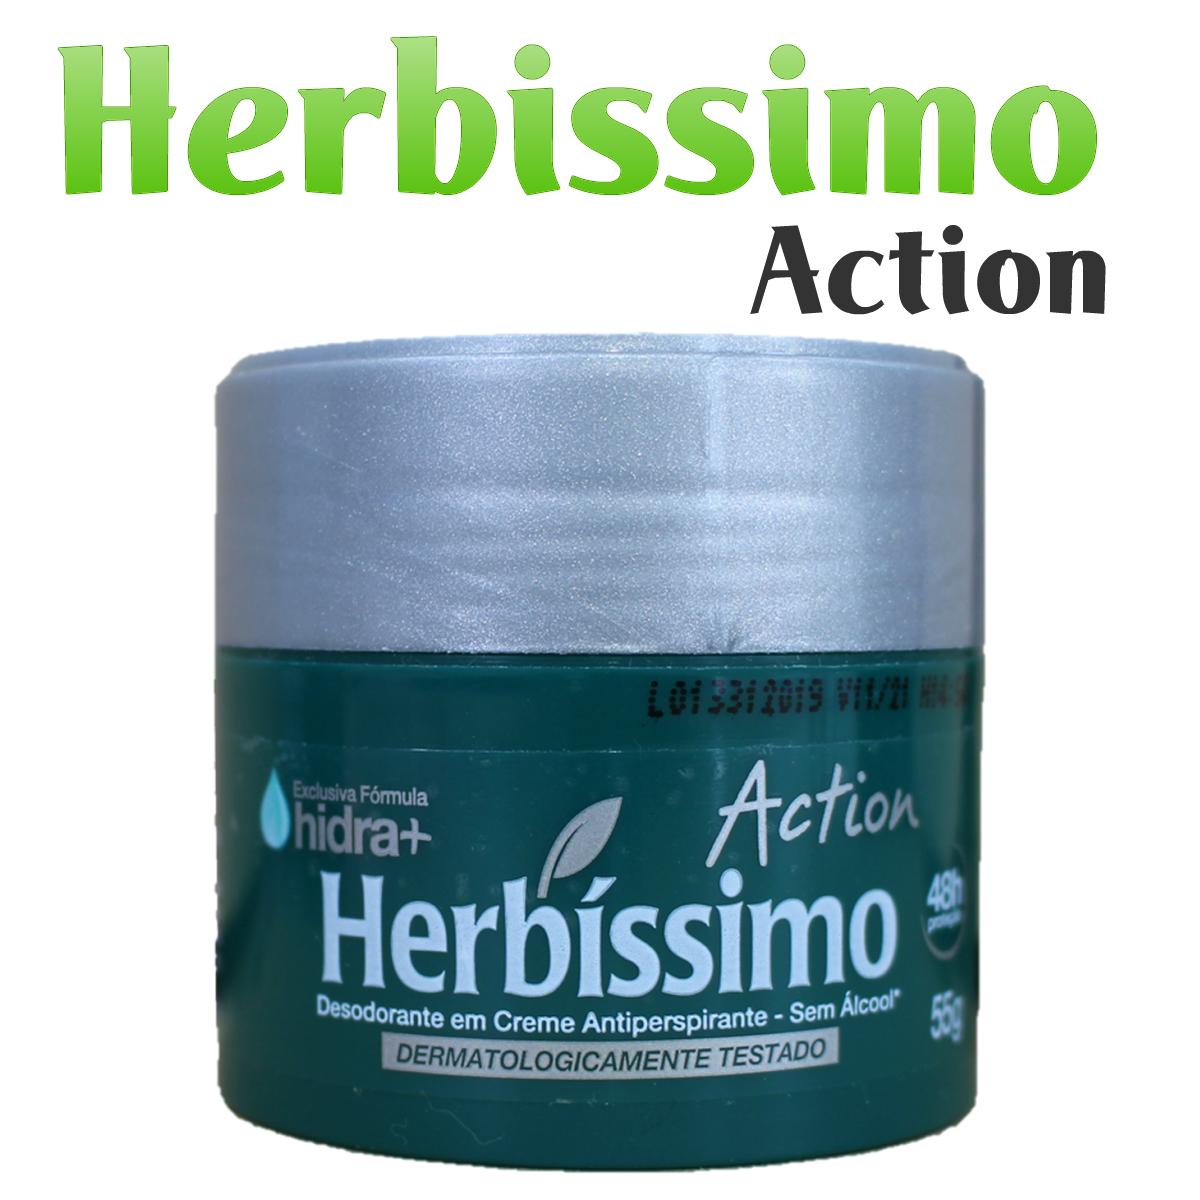 ユニセックスなワキ用デオドラント Herbissimo ●日本正規品● Action ワキ用 デオドランド 55g 即出荷 制汗剤